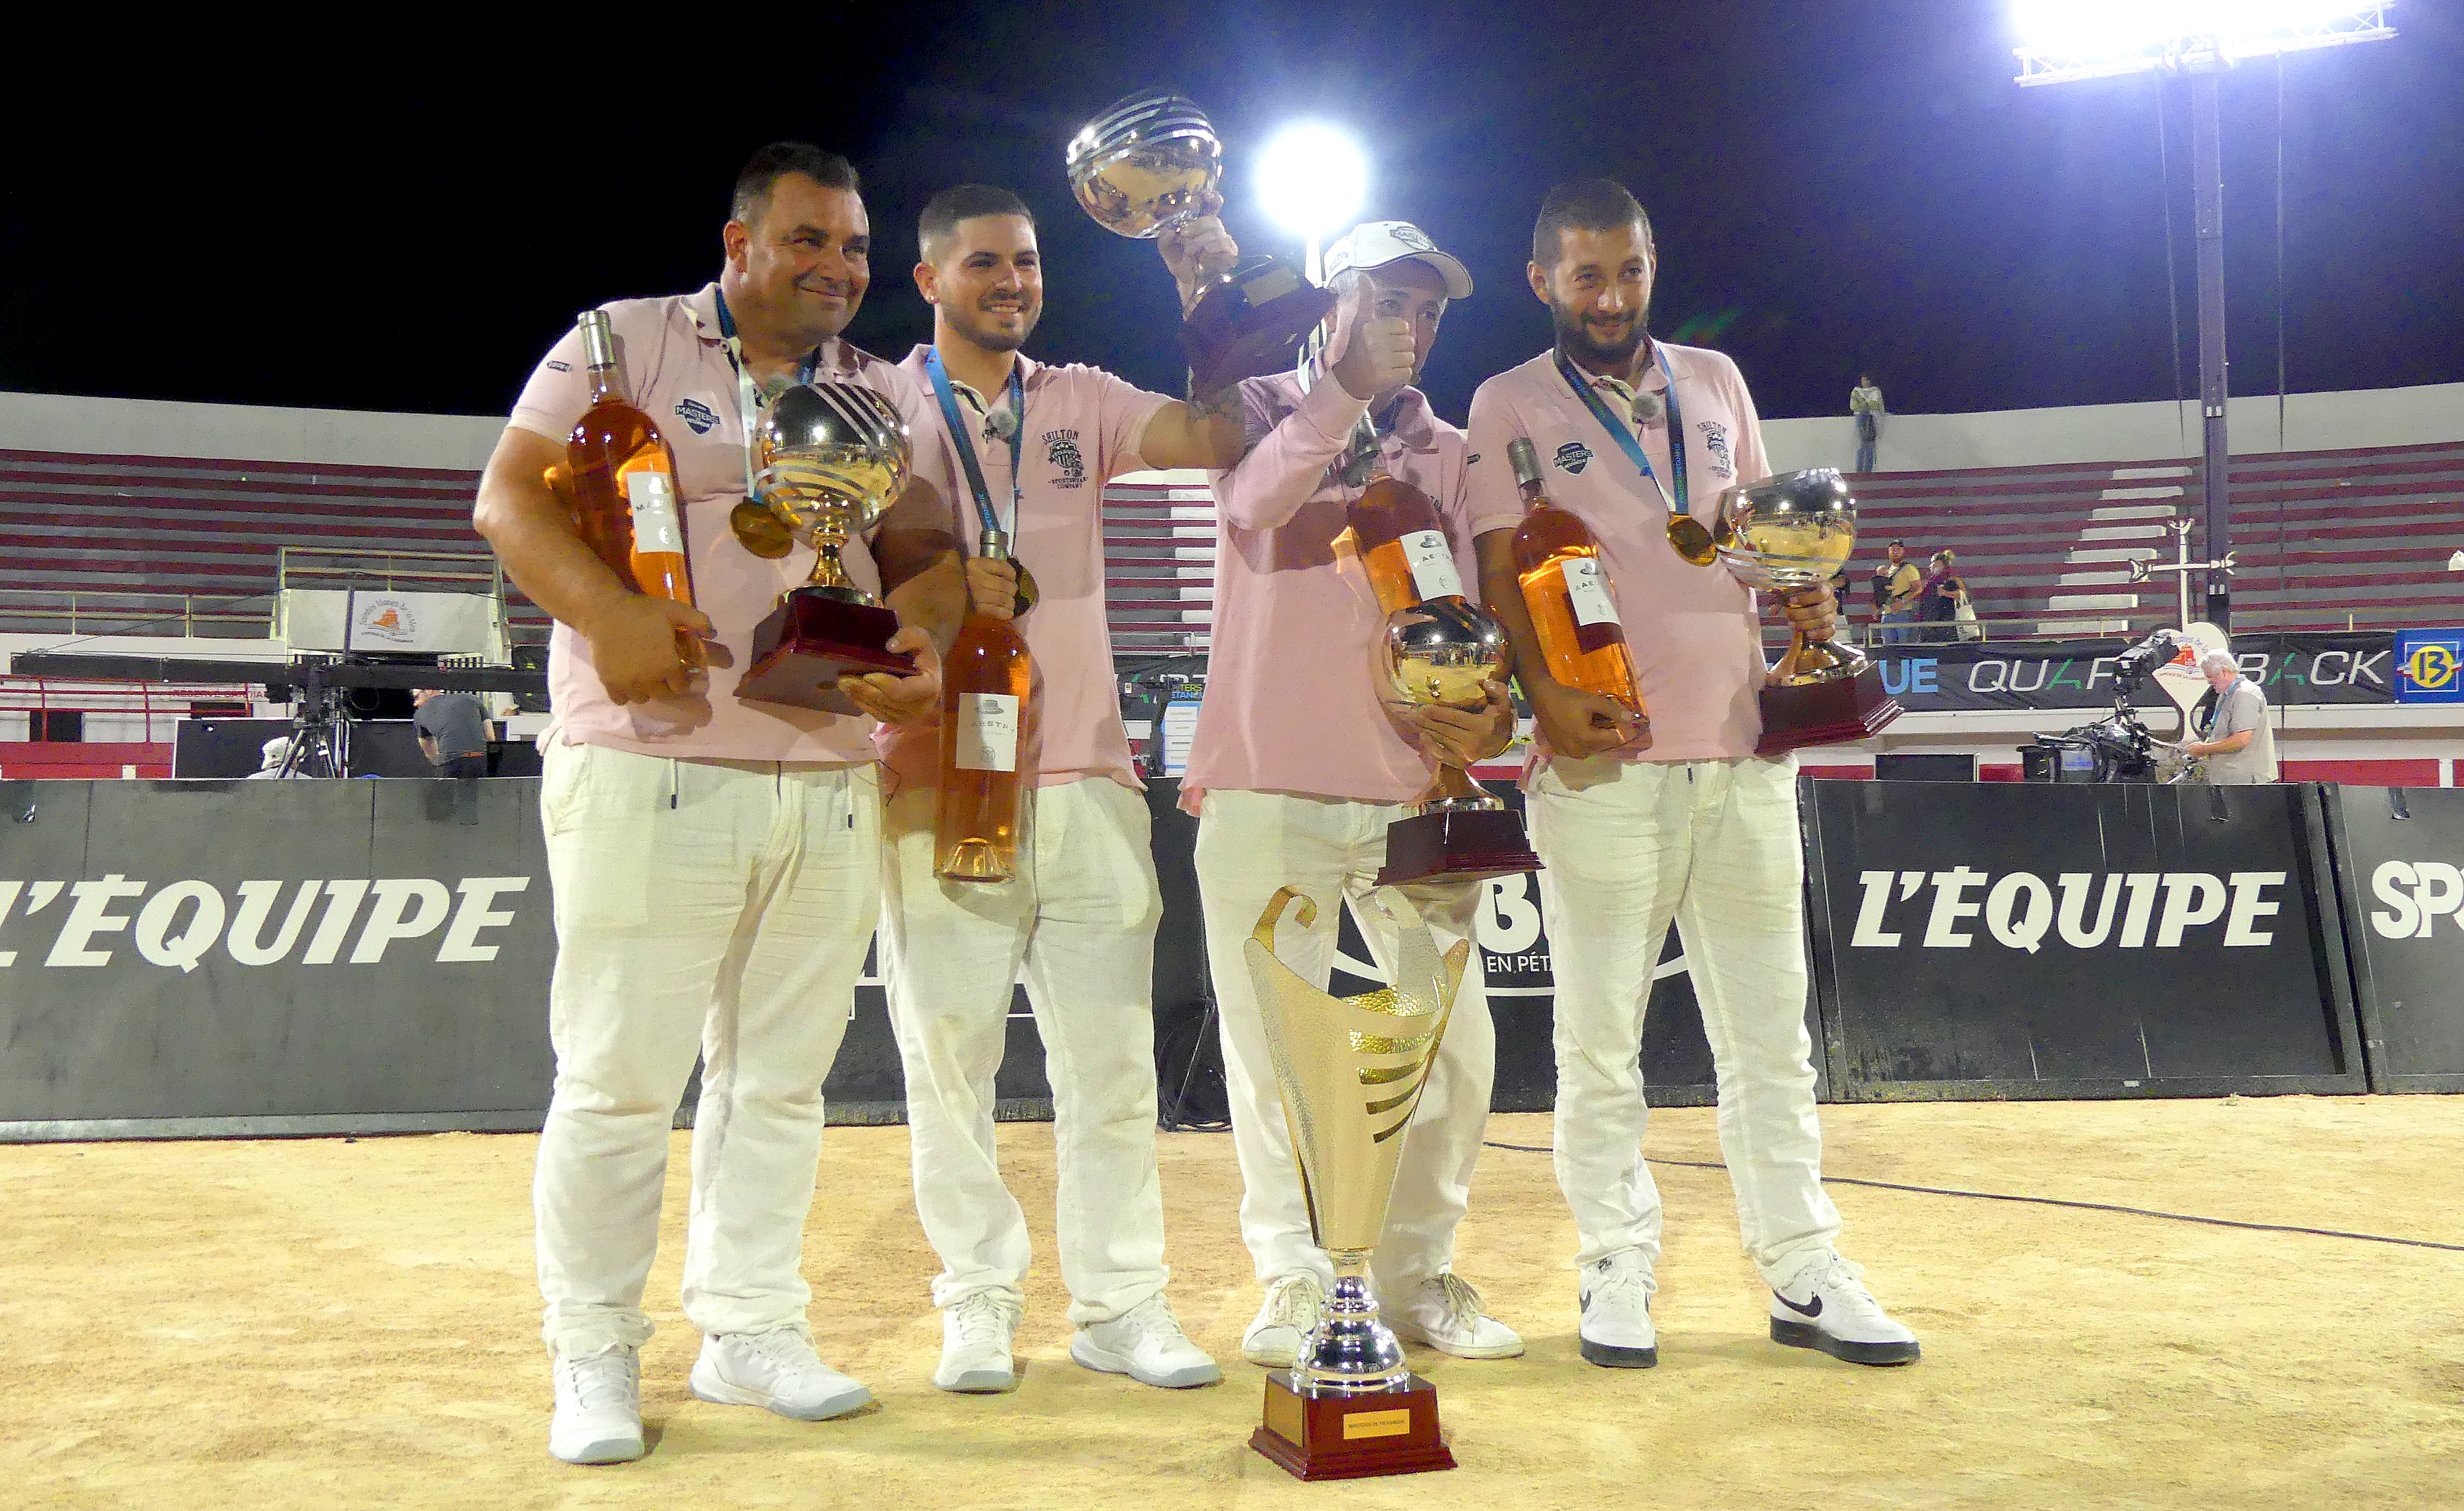 Christian Fazzino, Mickaël Bonetto, David Riviera, Jeremy Fernandez : vainqueurs de l'édition 2021 des Masters de Pétanque.